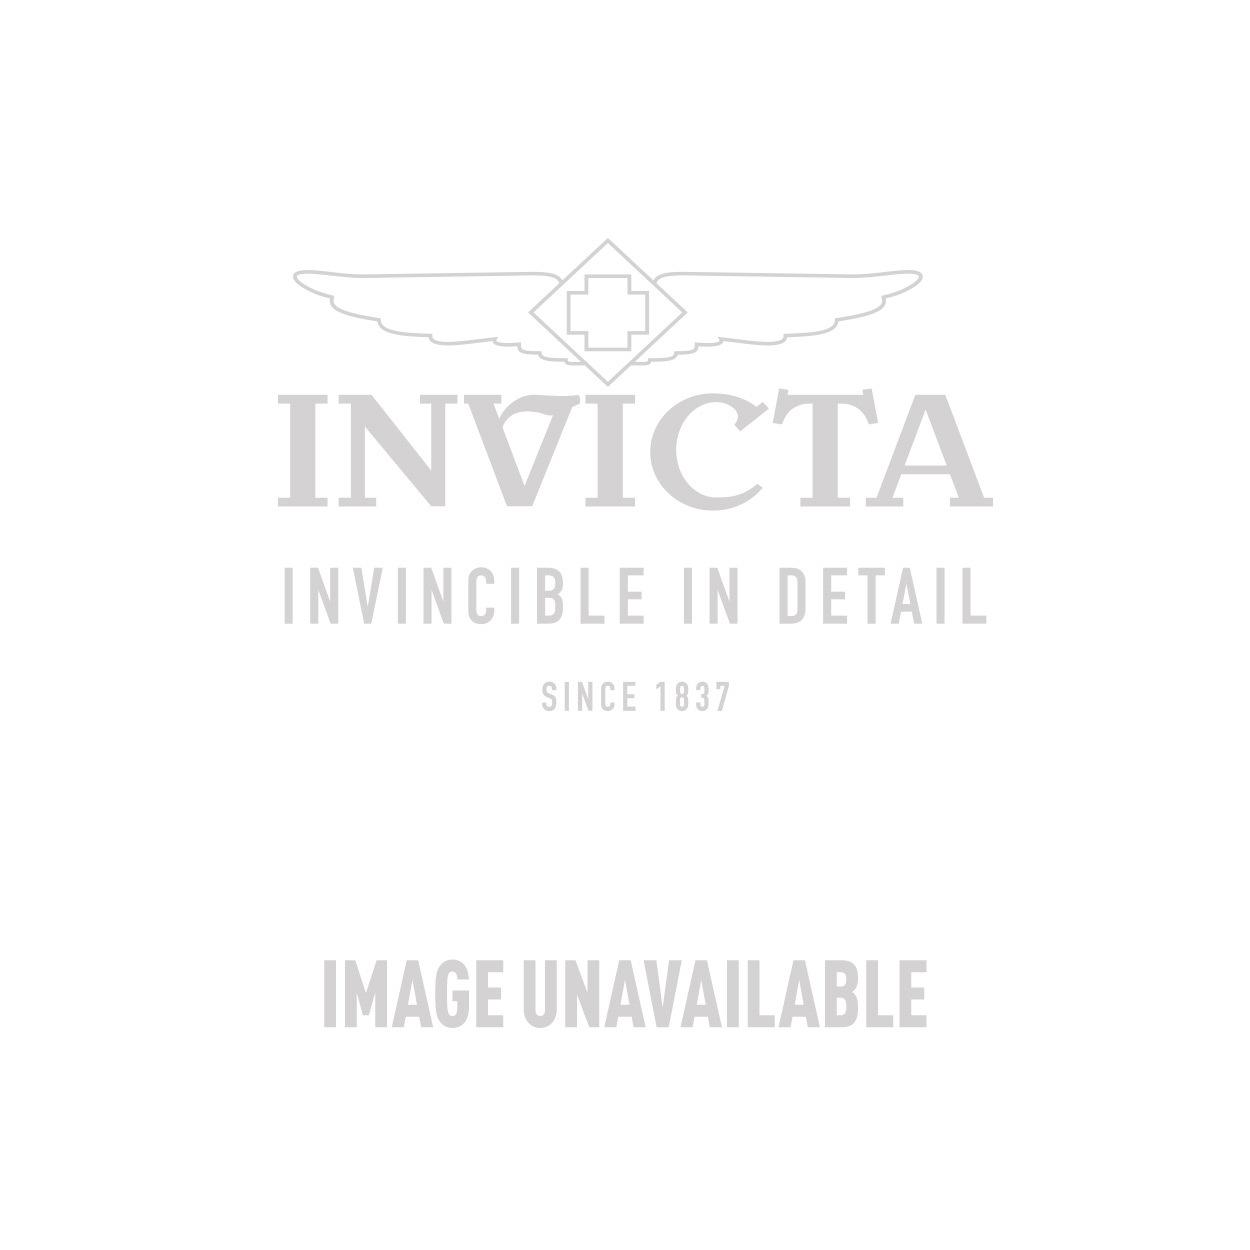 Invicta Watch Case DC3BLU/GLOW